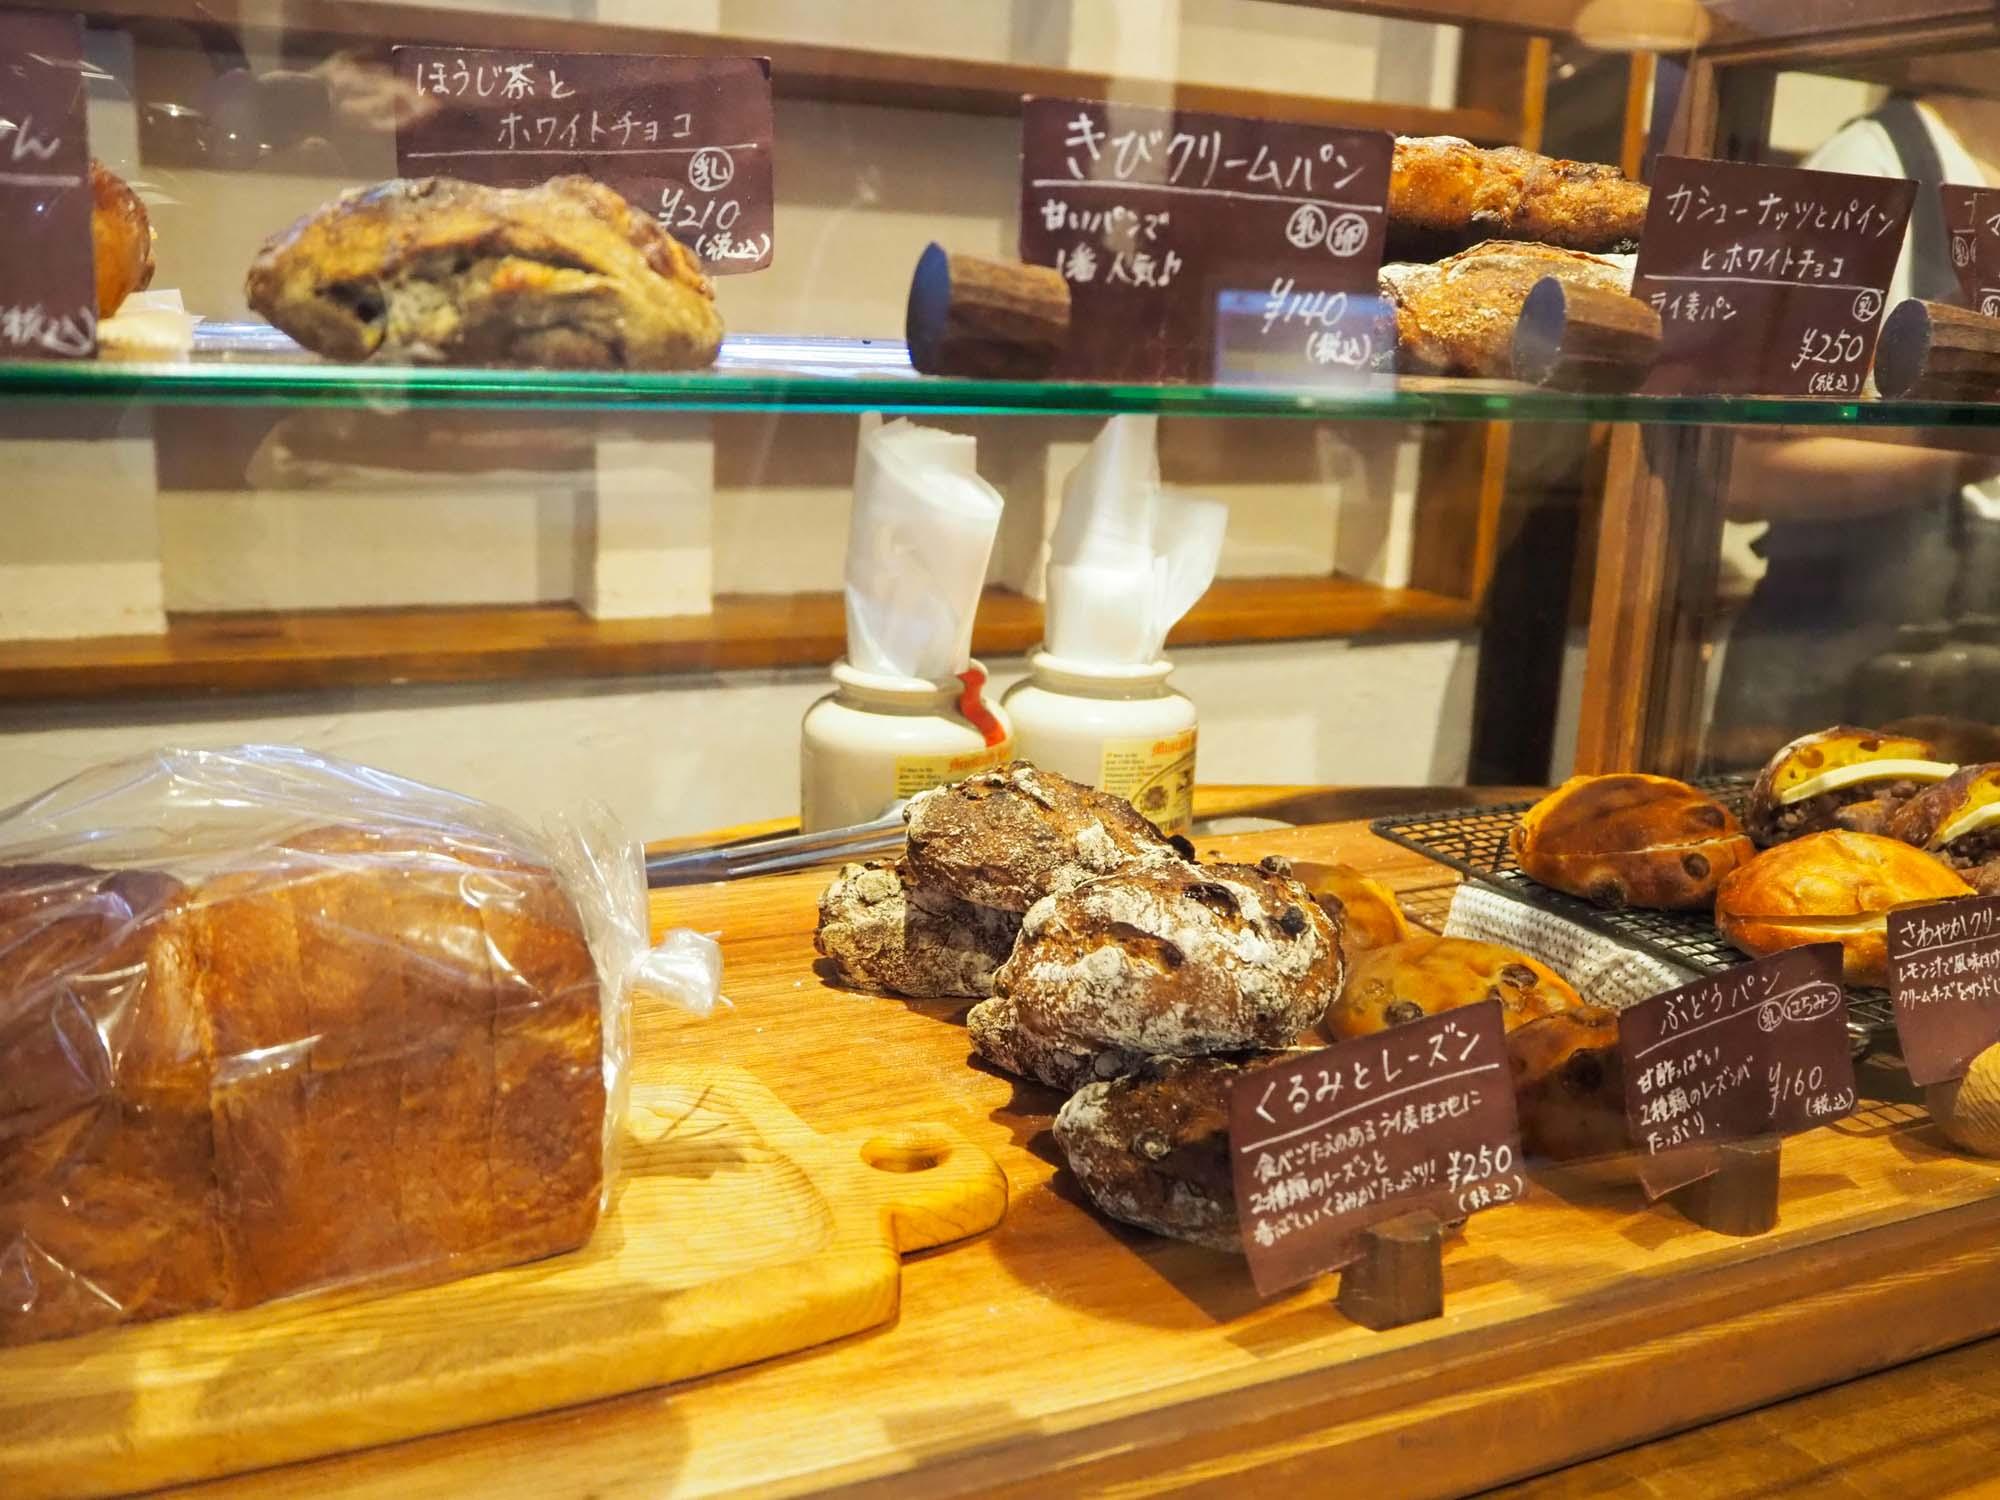 店内にはハード系のパンから甘いパンまで揃います。中でも「リッチ食パン」は絶品! 売り切れる可能性大なので、見つけたらぜひゲットしてくださいね